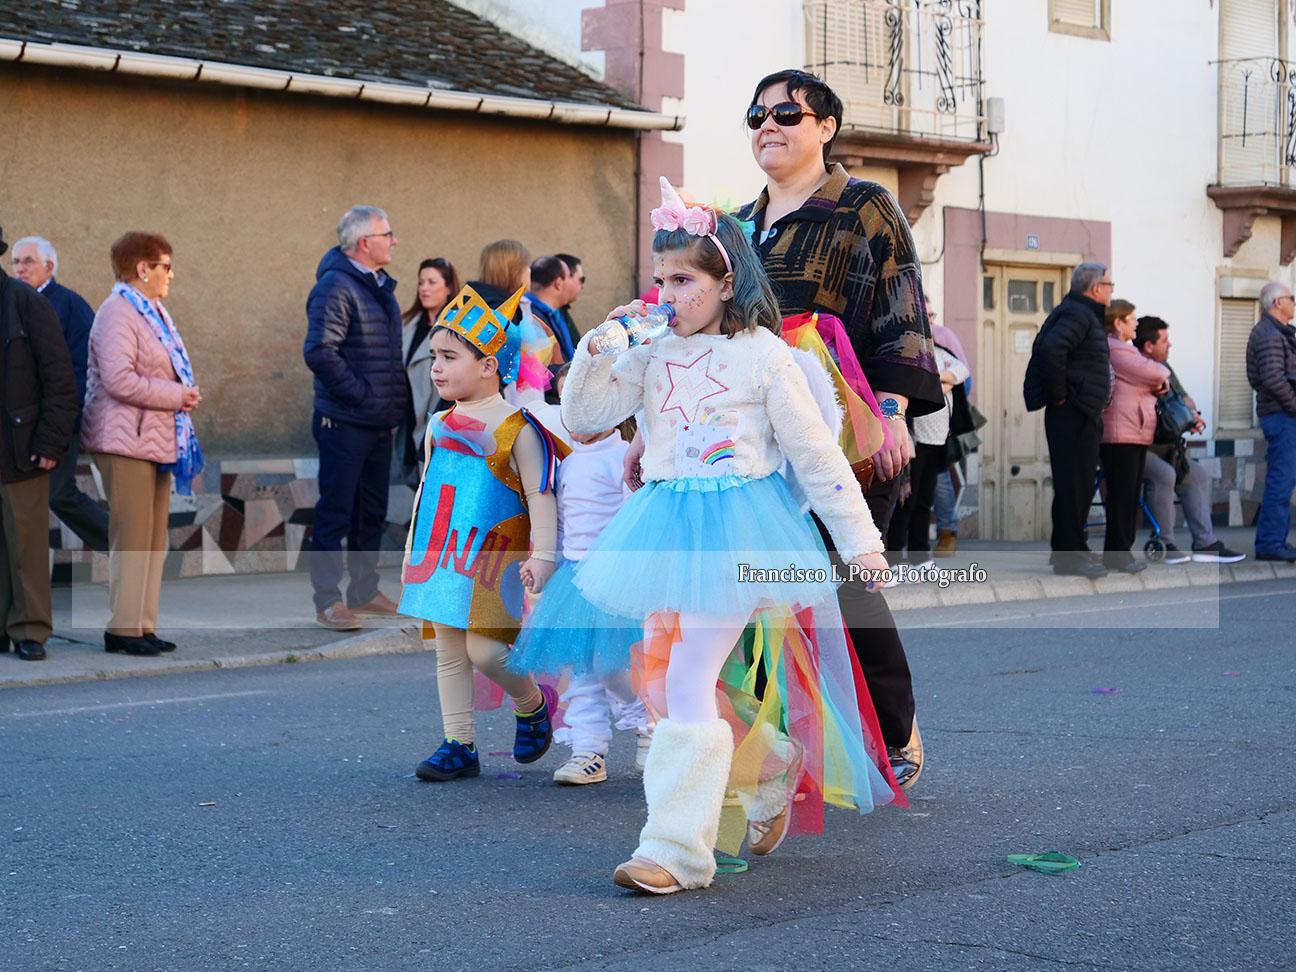 Carnaval 2020: Camponaraya sale a la calle a ritmo de comparsa 66